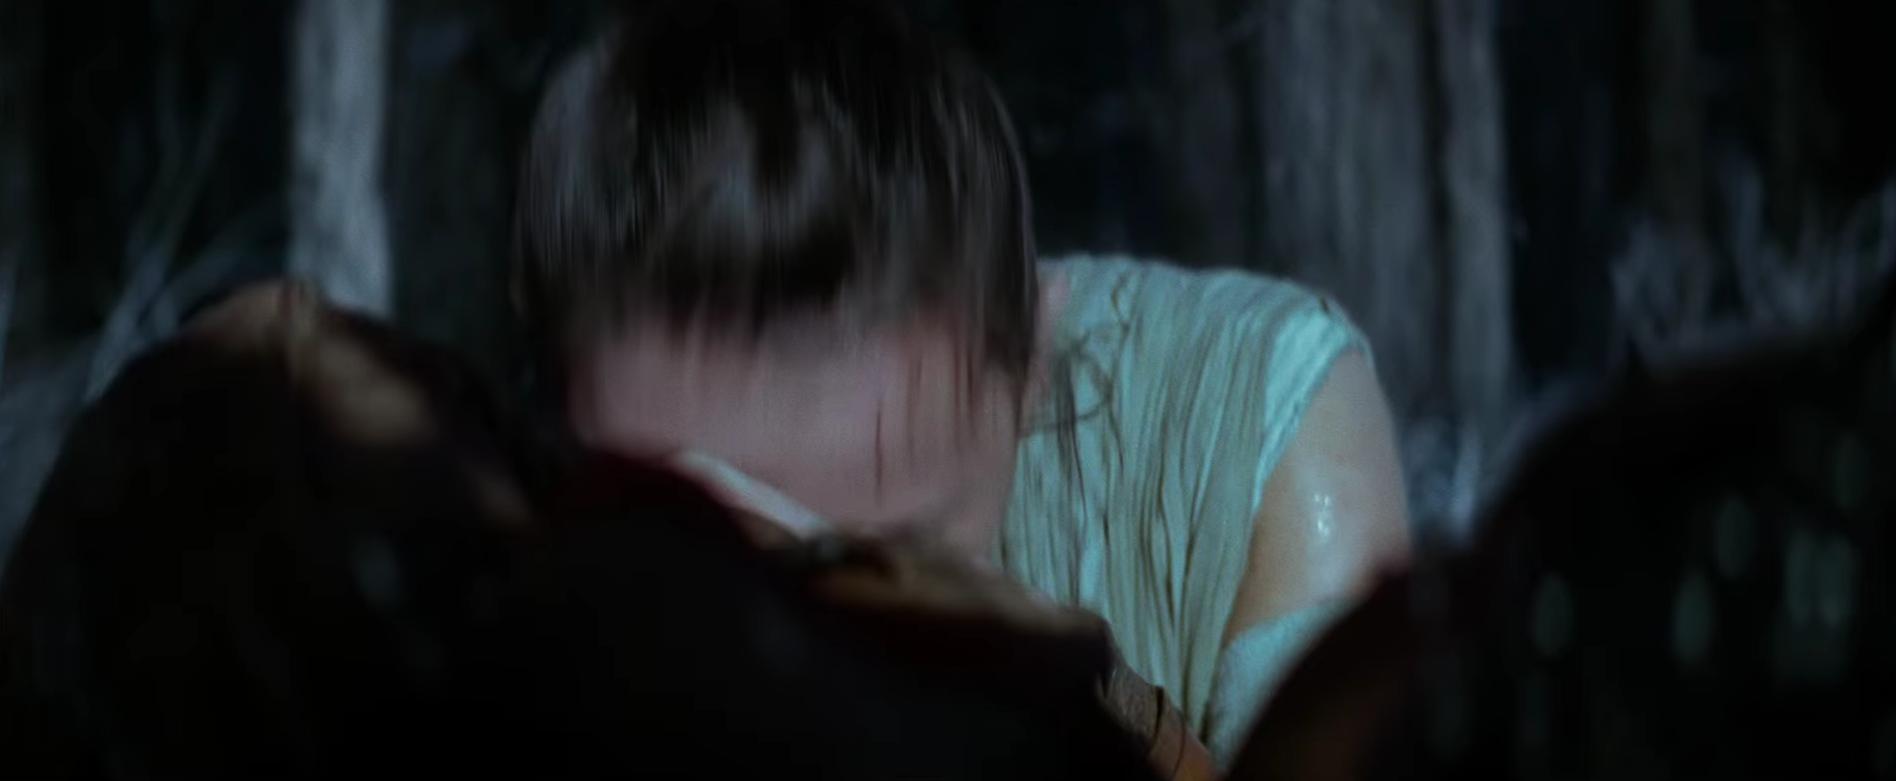 Разбор трейлера «Star Wars: Episode VII». Почему плачет Рей? (осторожно, потенциальный спойлер) - 10